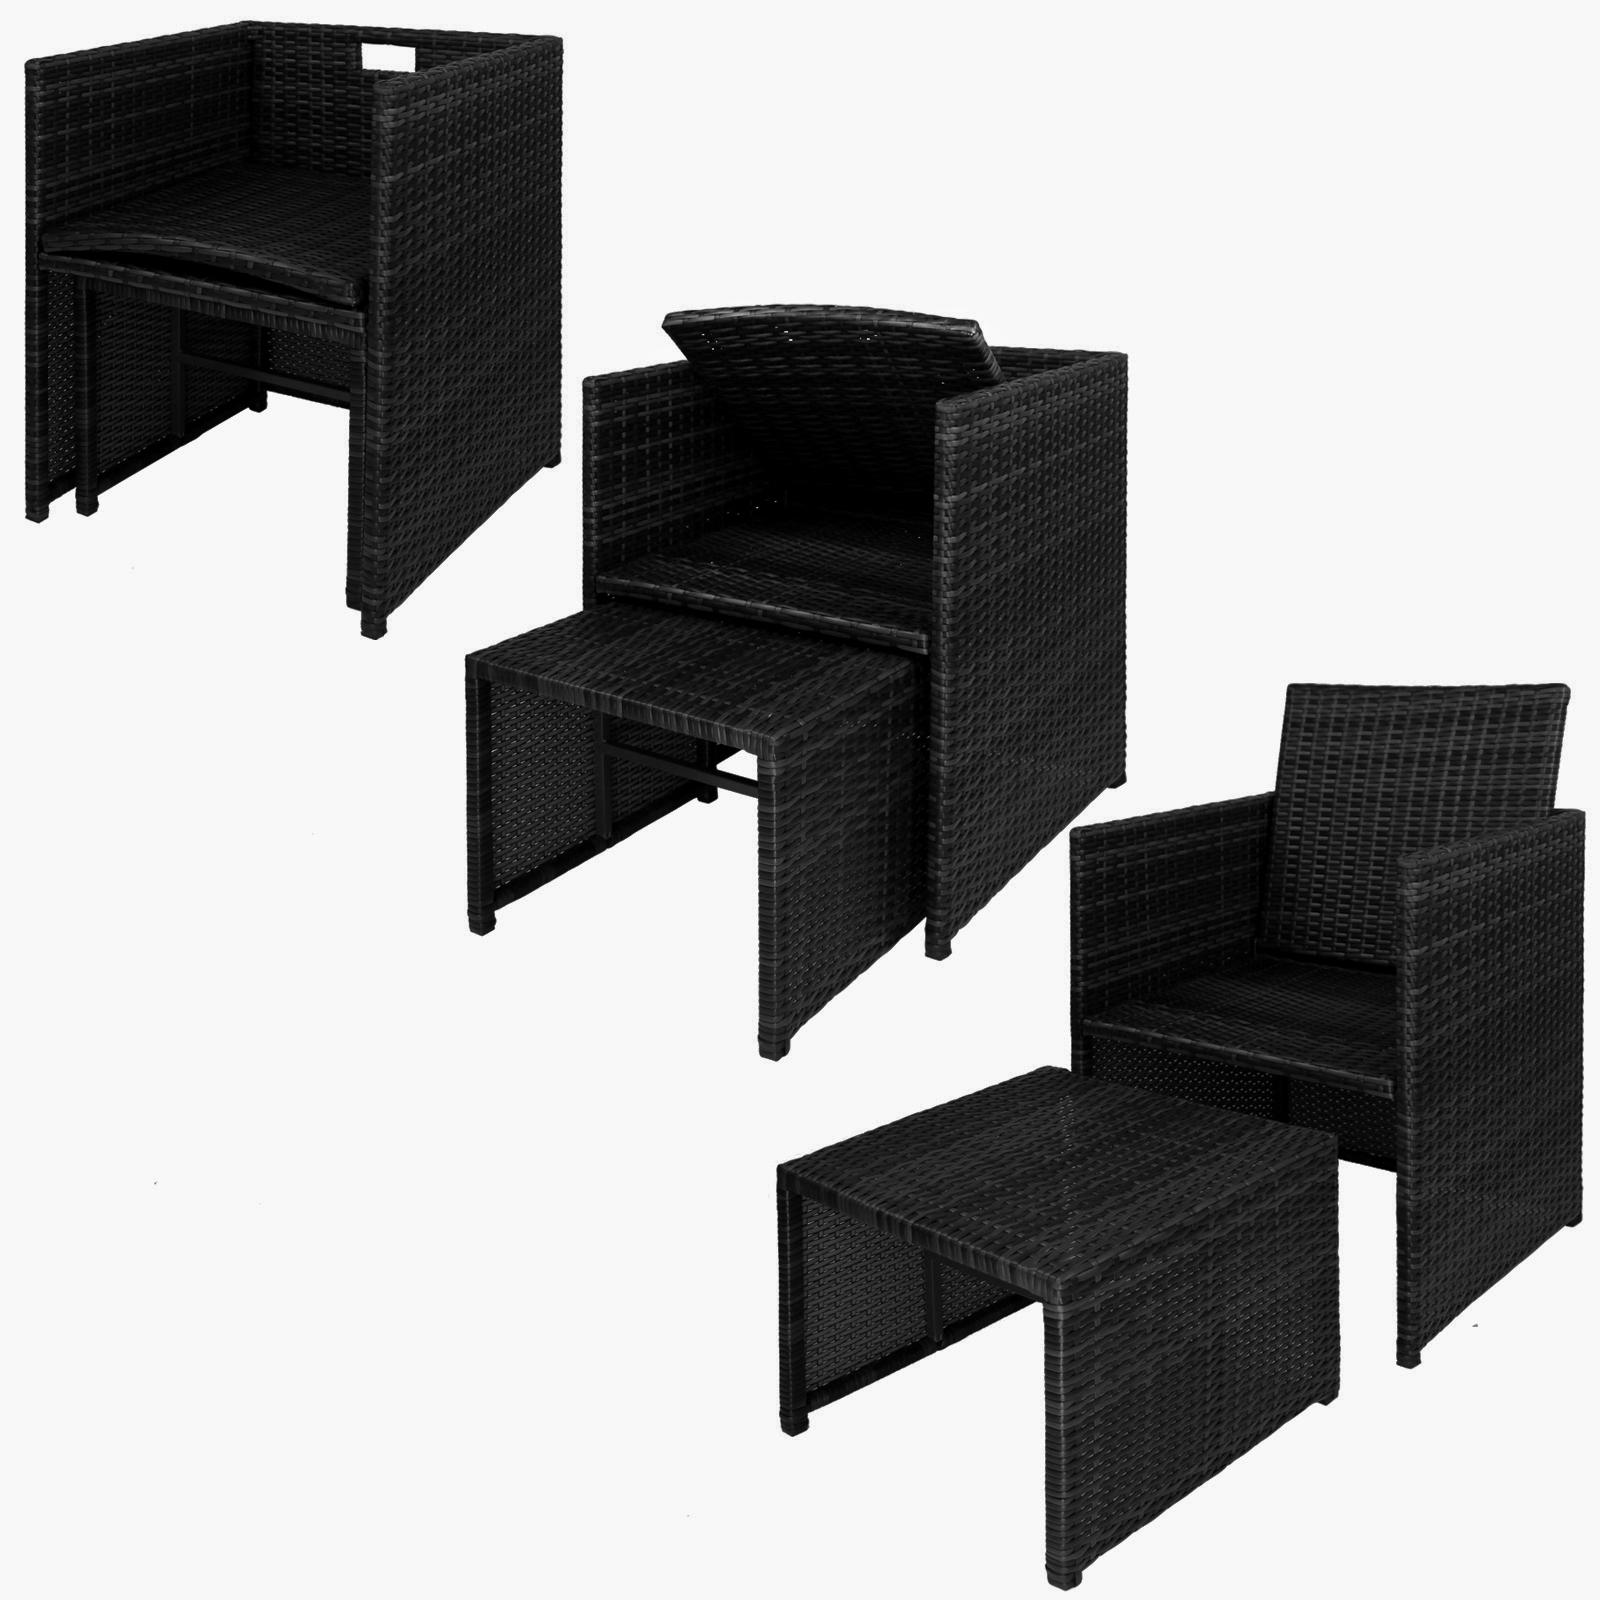 2 polyrattan sessel mit hocker inkl sitzkissen und kissenbez gen in vielen farben von bb sport. Black Bedroom Furniture Sets. Home Design Ideas